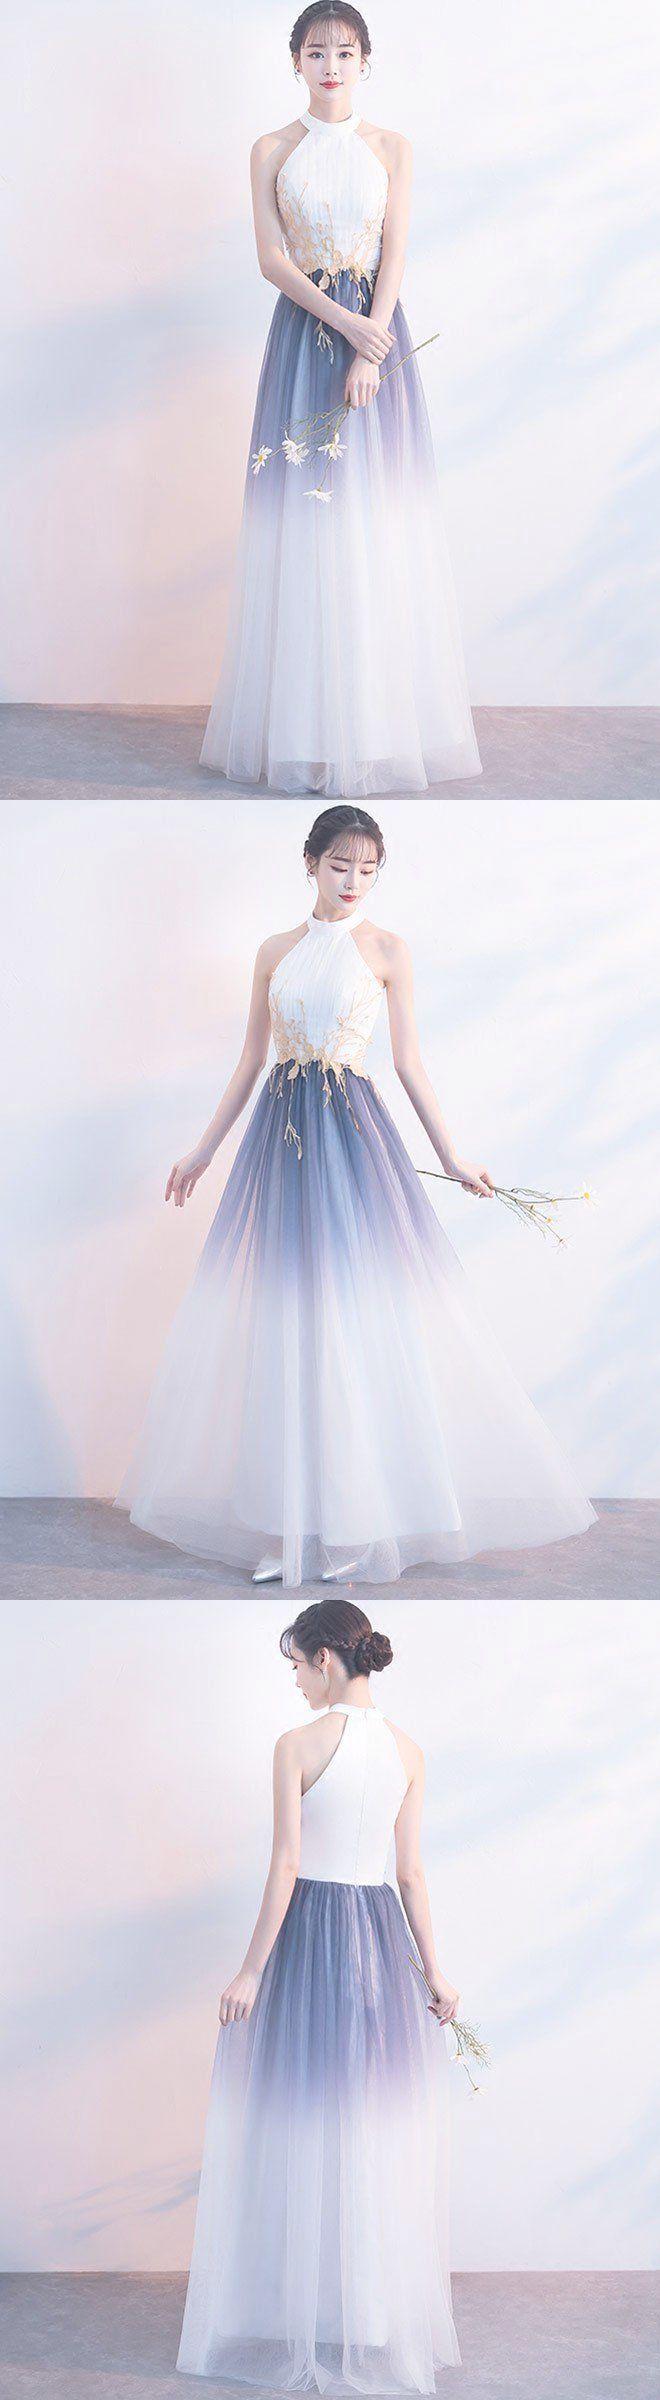 Elegant dress for girl floor length dress australia formal dresses